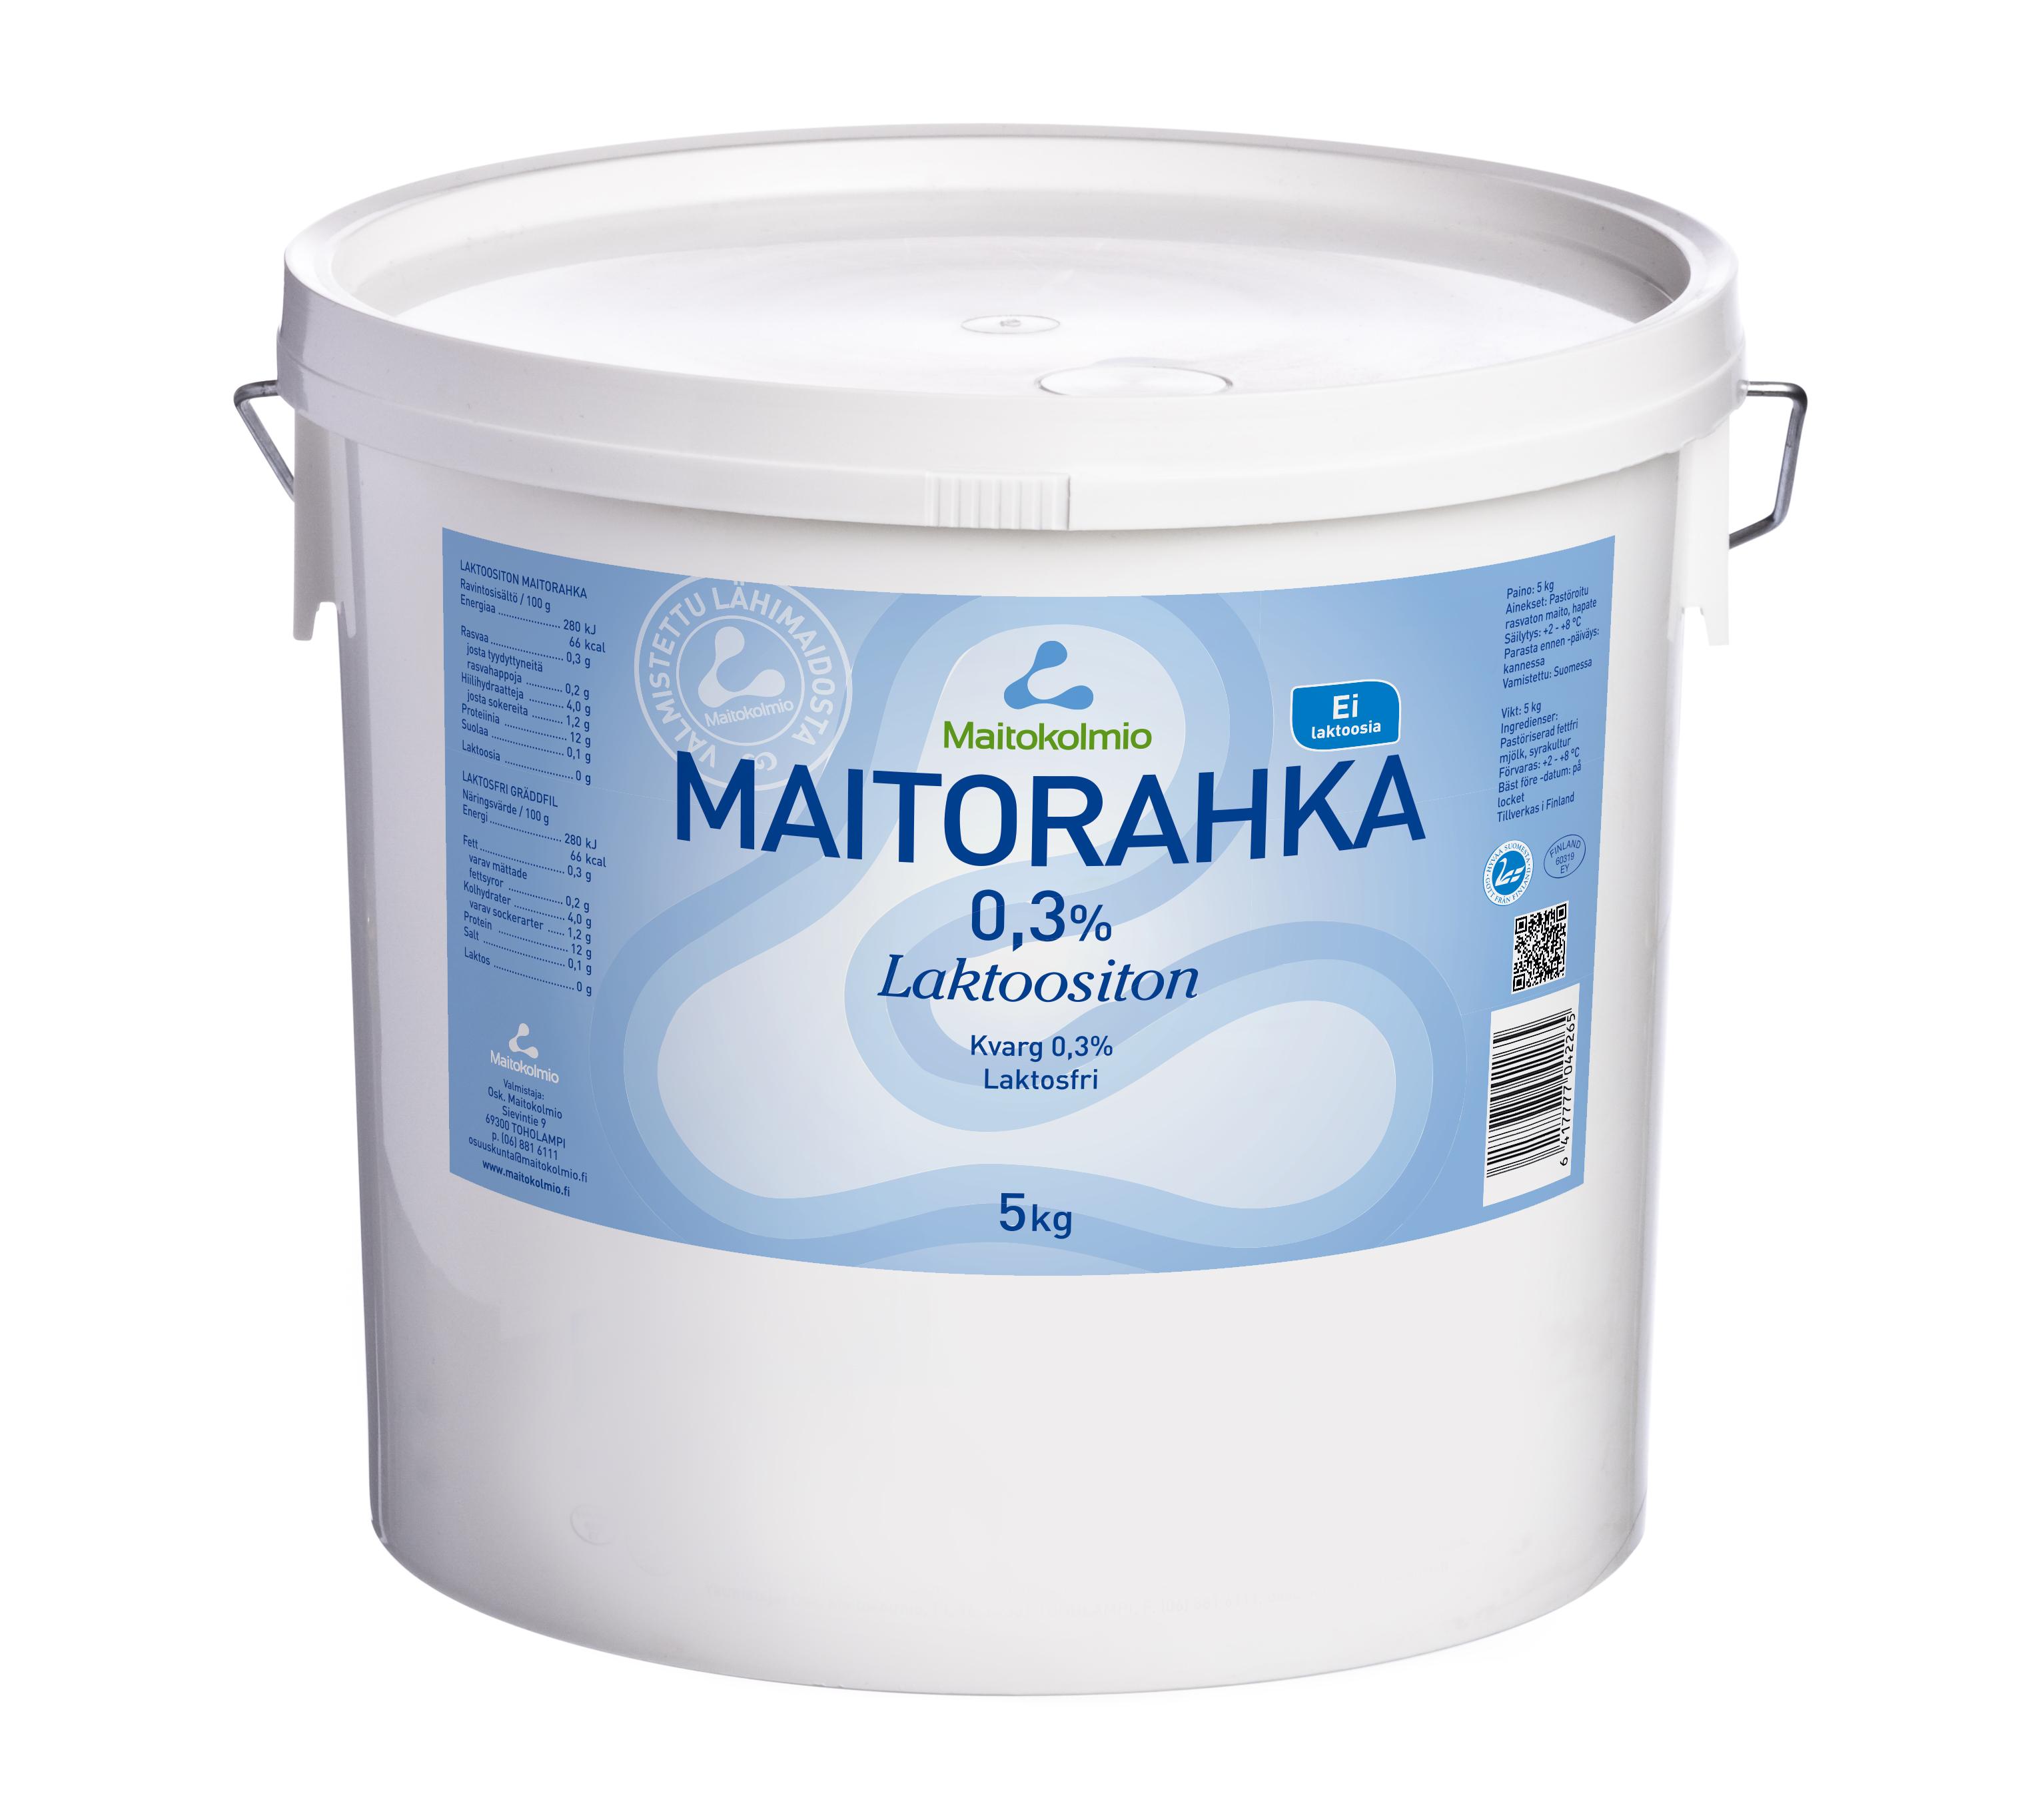 MK MAITORAHKA 5 KG